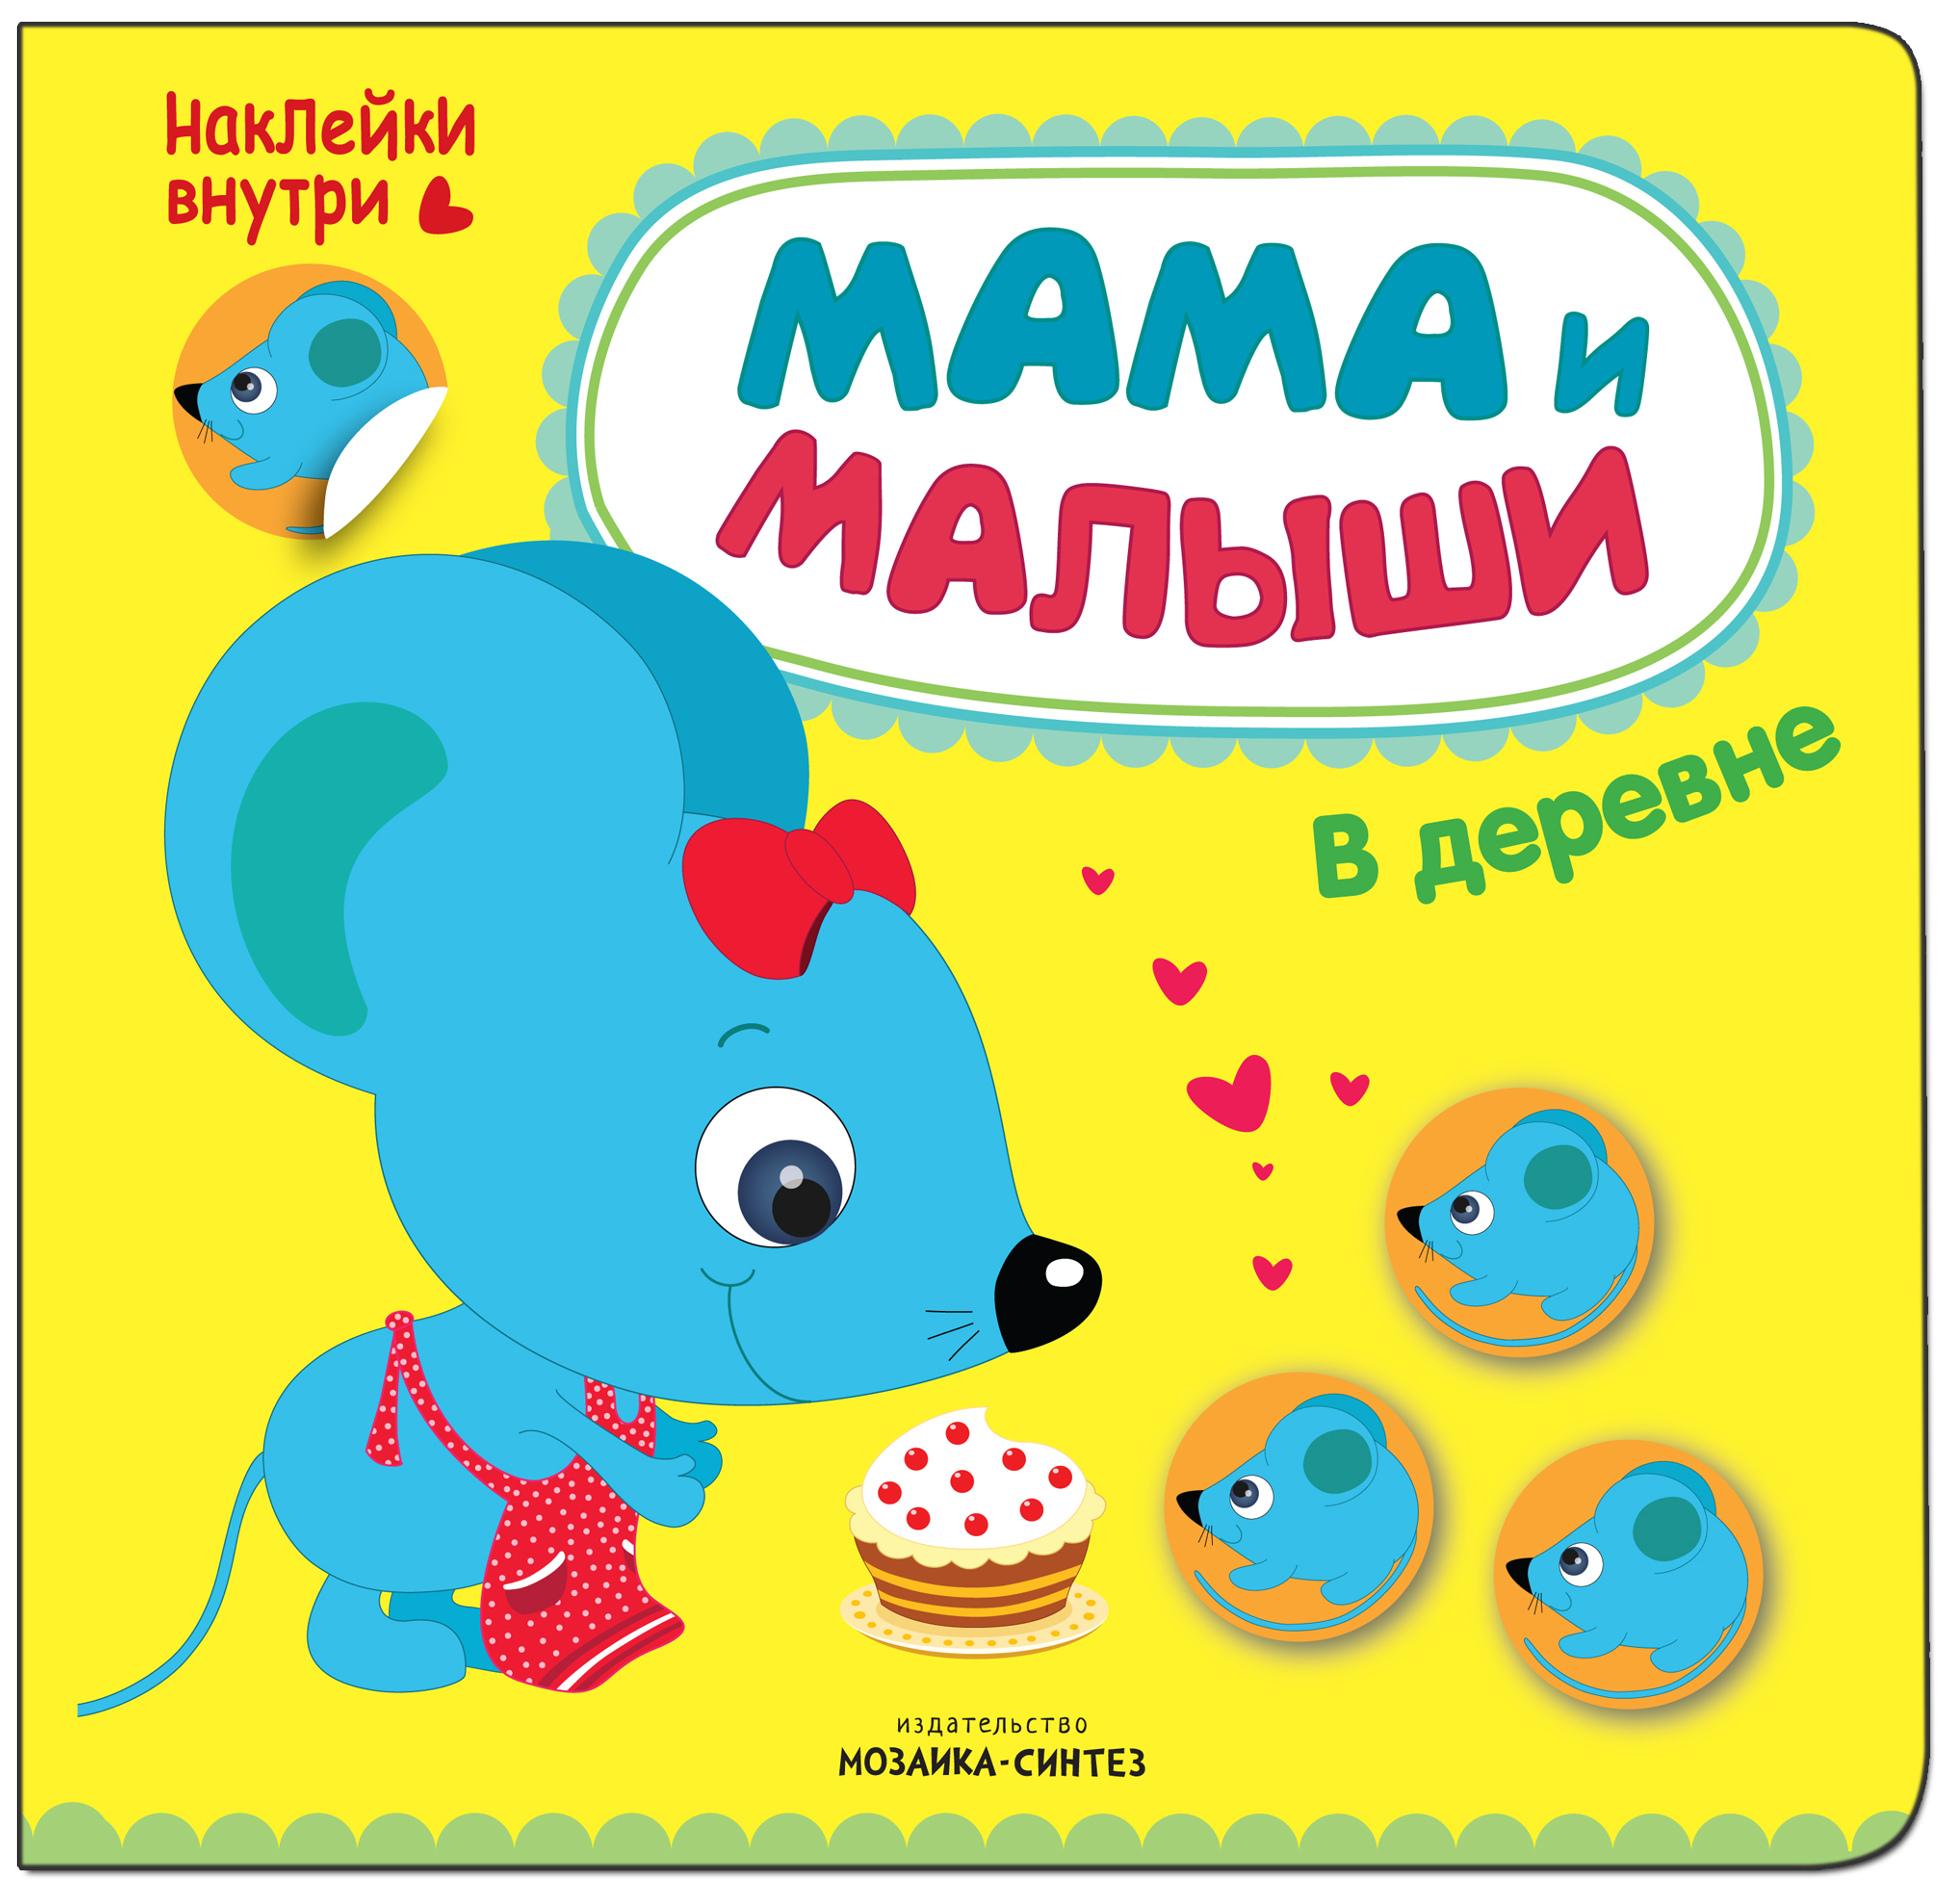 Купить Книжка с наклейками Мама И Малыши «В Деревне» (Наклейки Внутри), Мозаика-Синтез, Книги по обучению и развитию детей